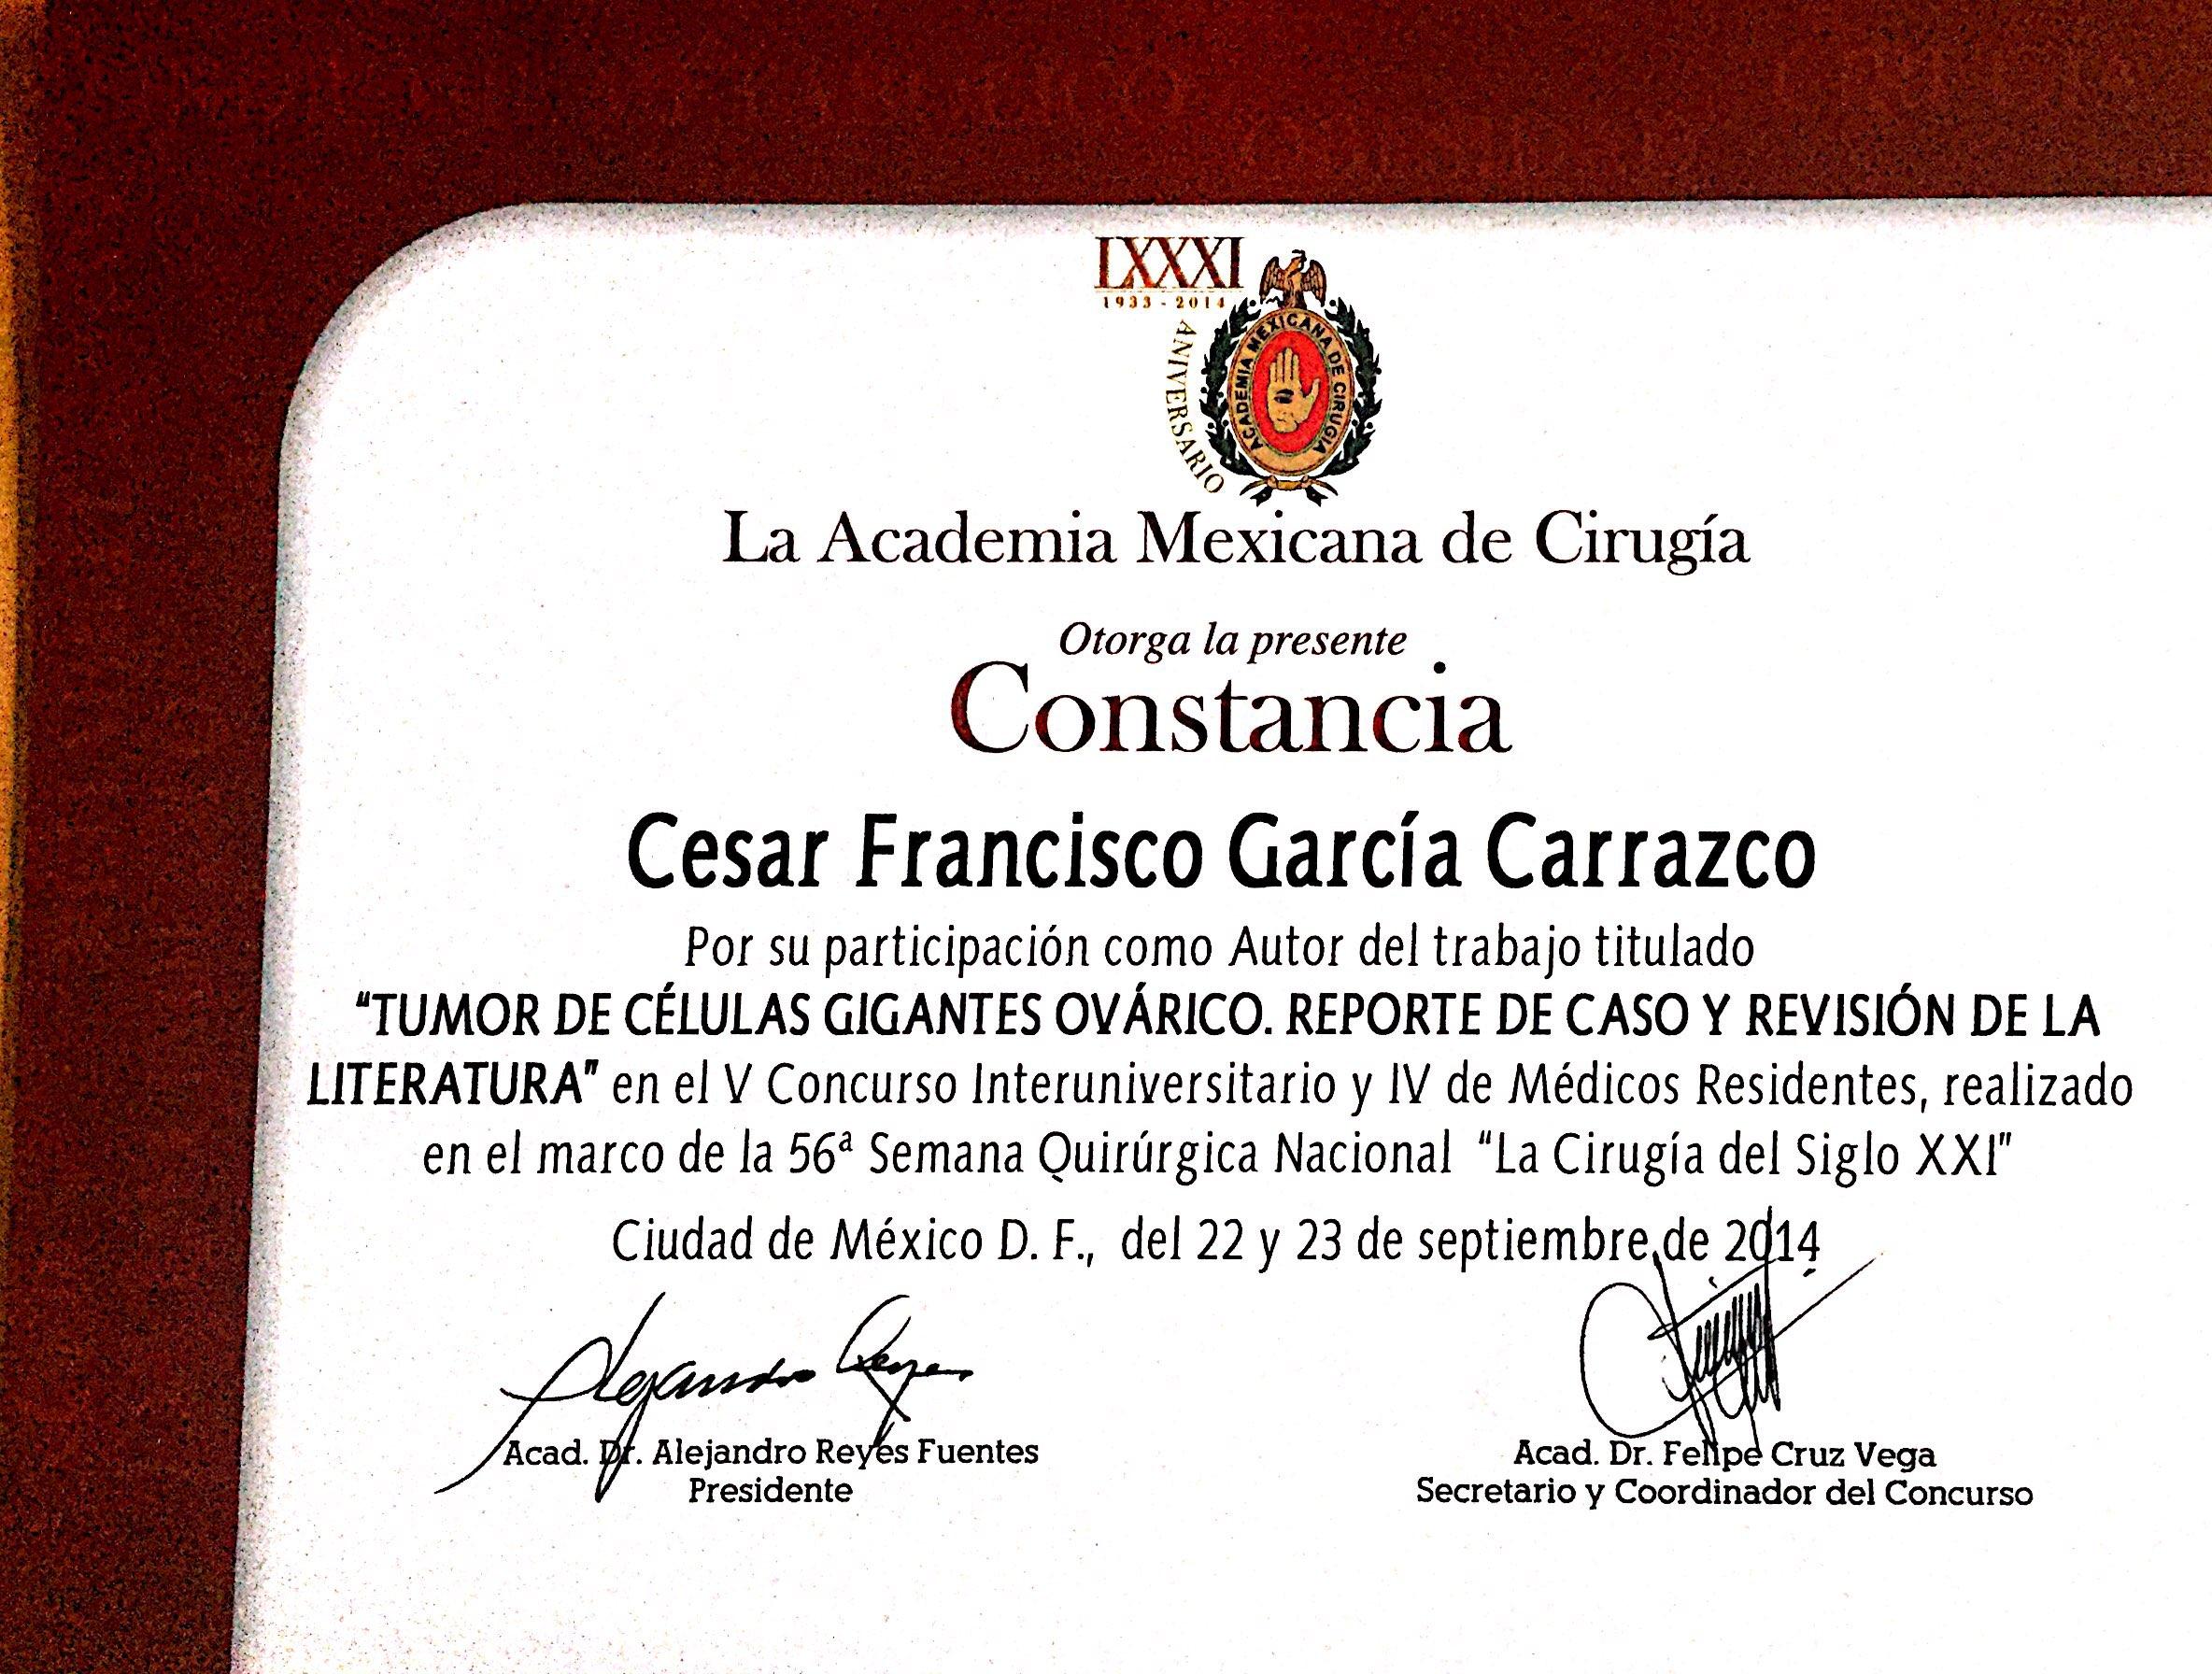 Dr. Garcia Carrazco_59